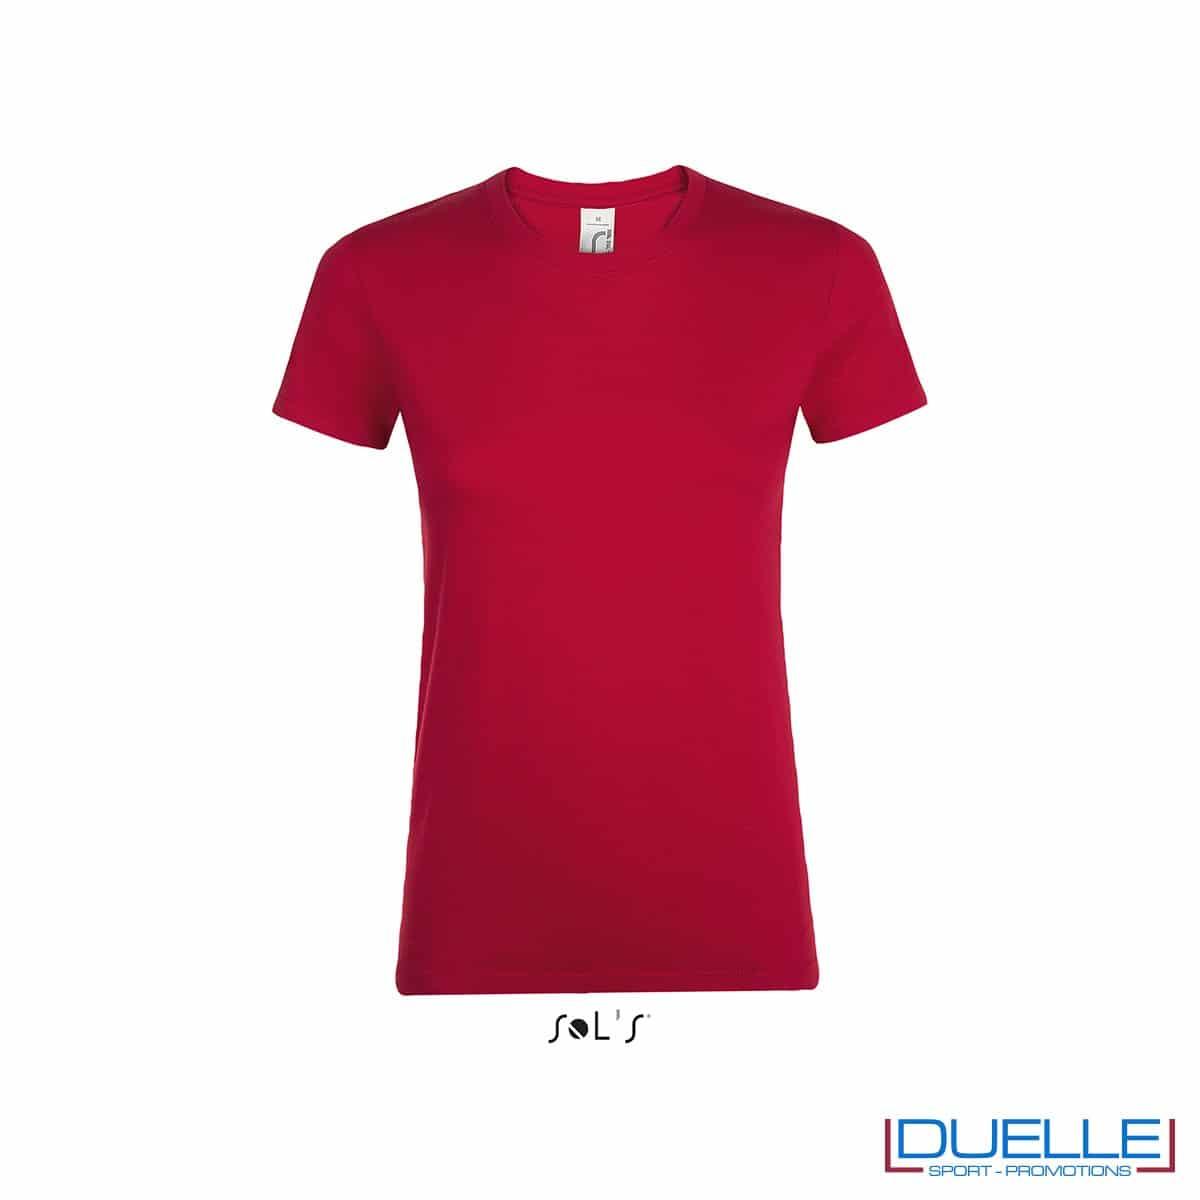 Magliette donna personalizzate con stampe colore rosso